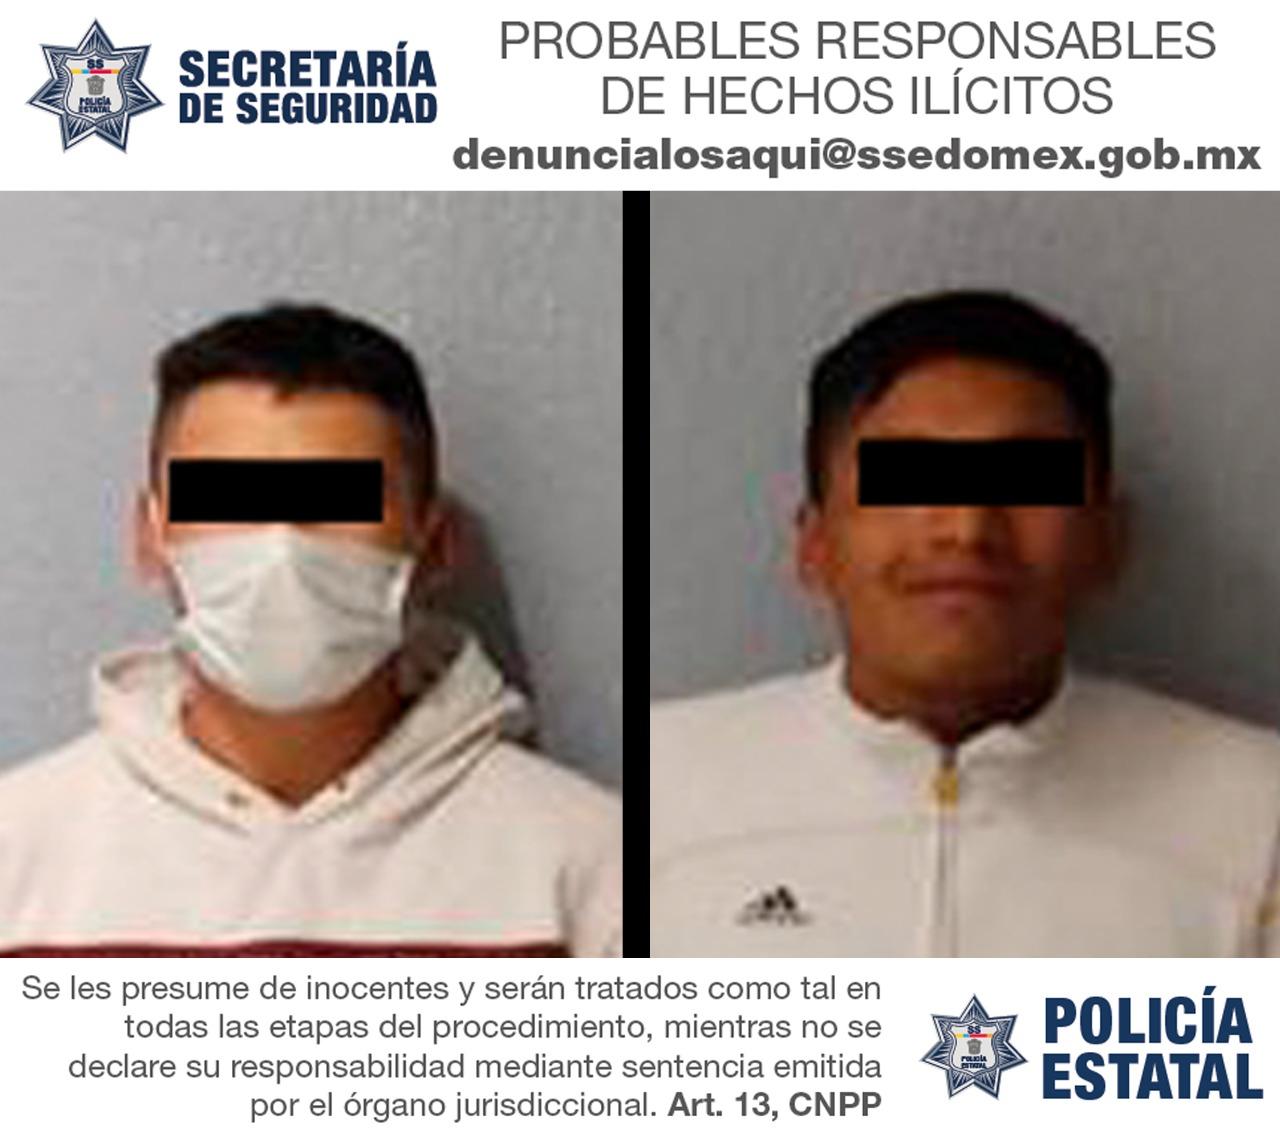 Detienen en flagrancia a dos hombres probables responsables en el robo con violencia de un vehículo